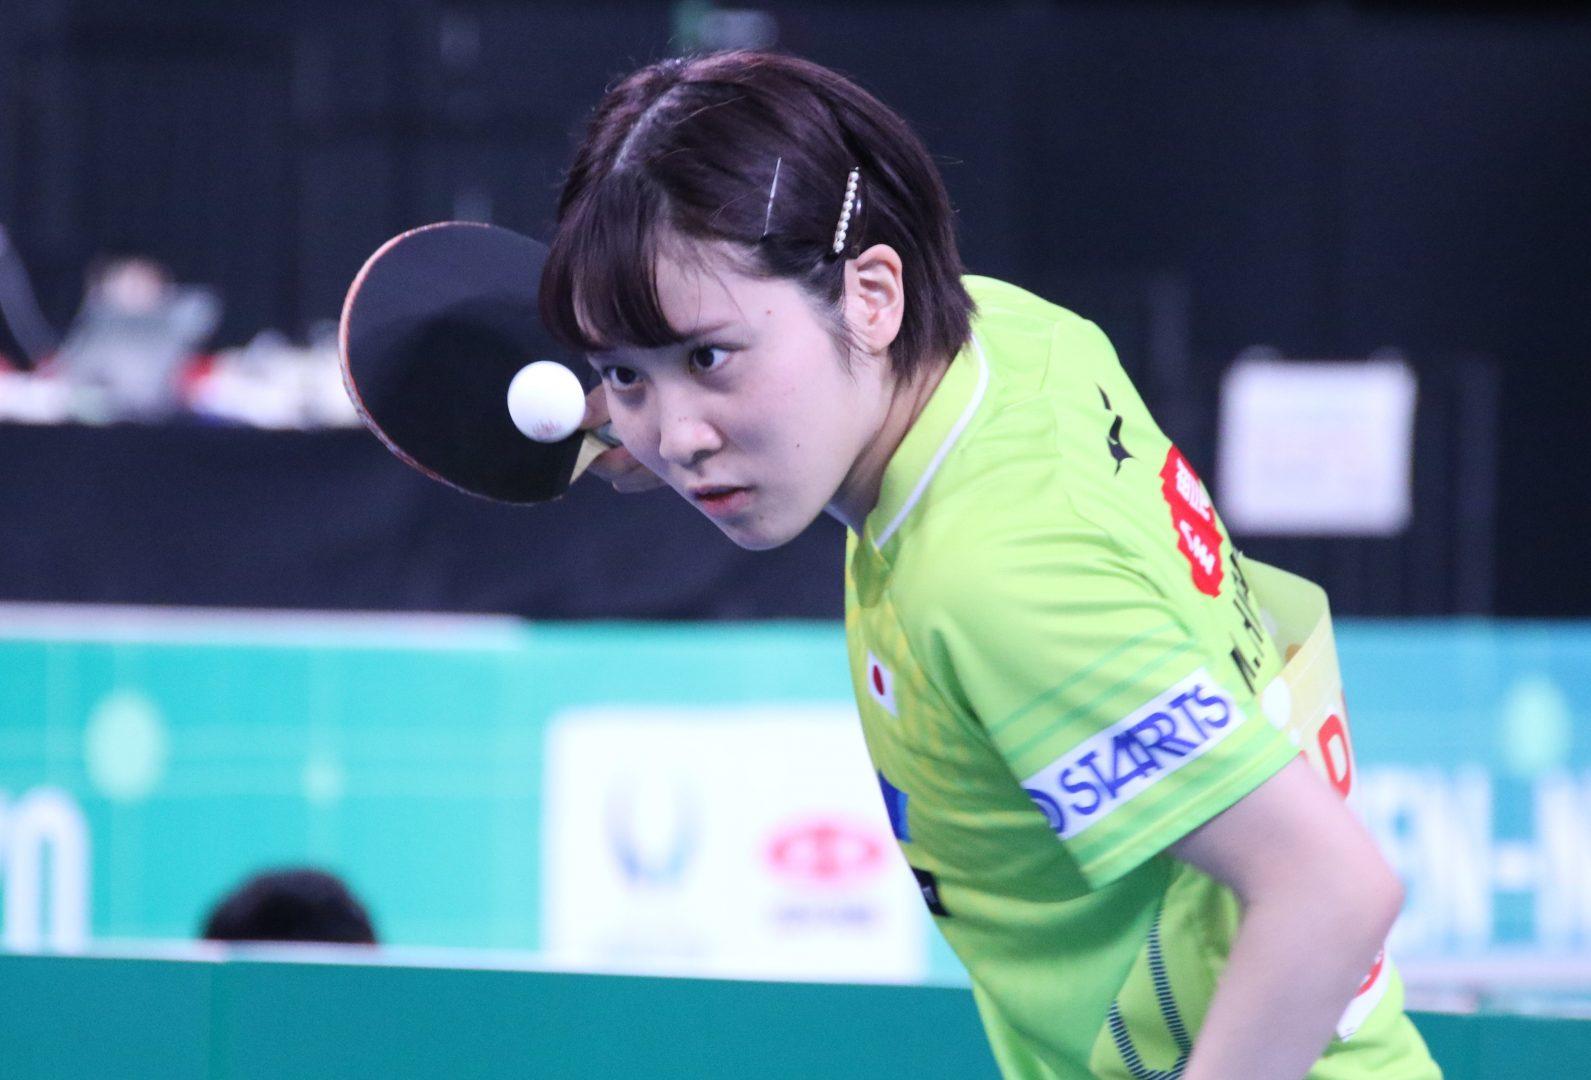 日本女子、準々決勝でヨーロッパ女王と対戦<JA全農 卓球チームワールドカップ>